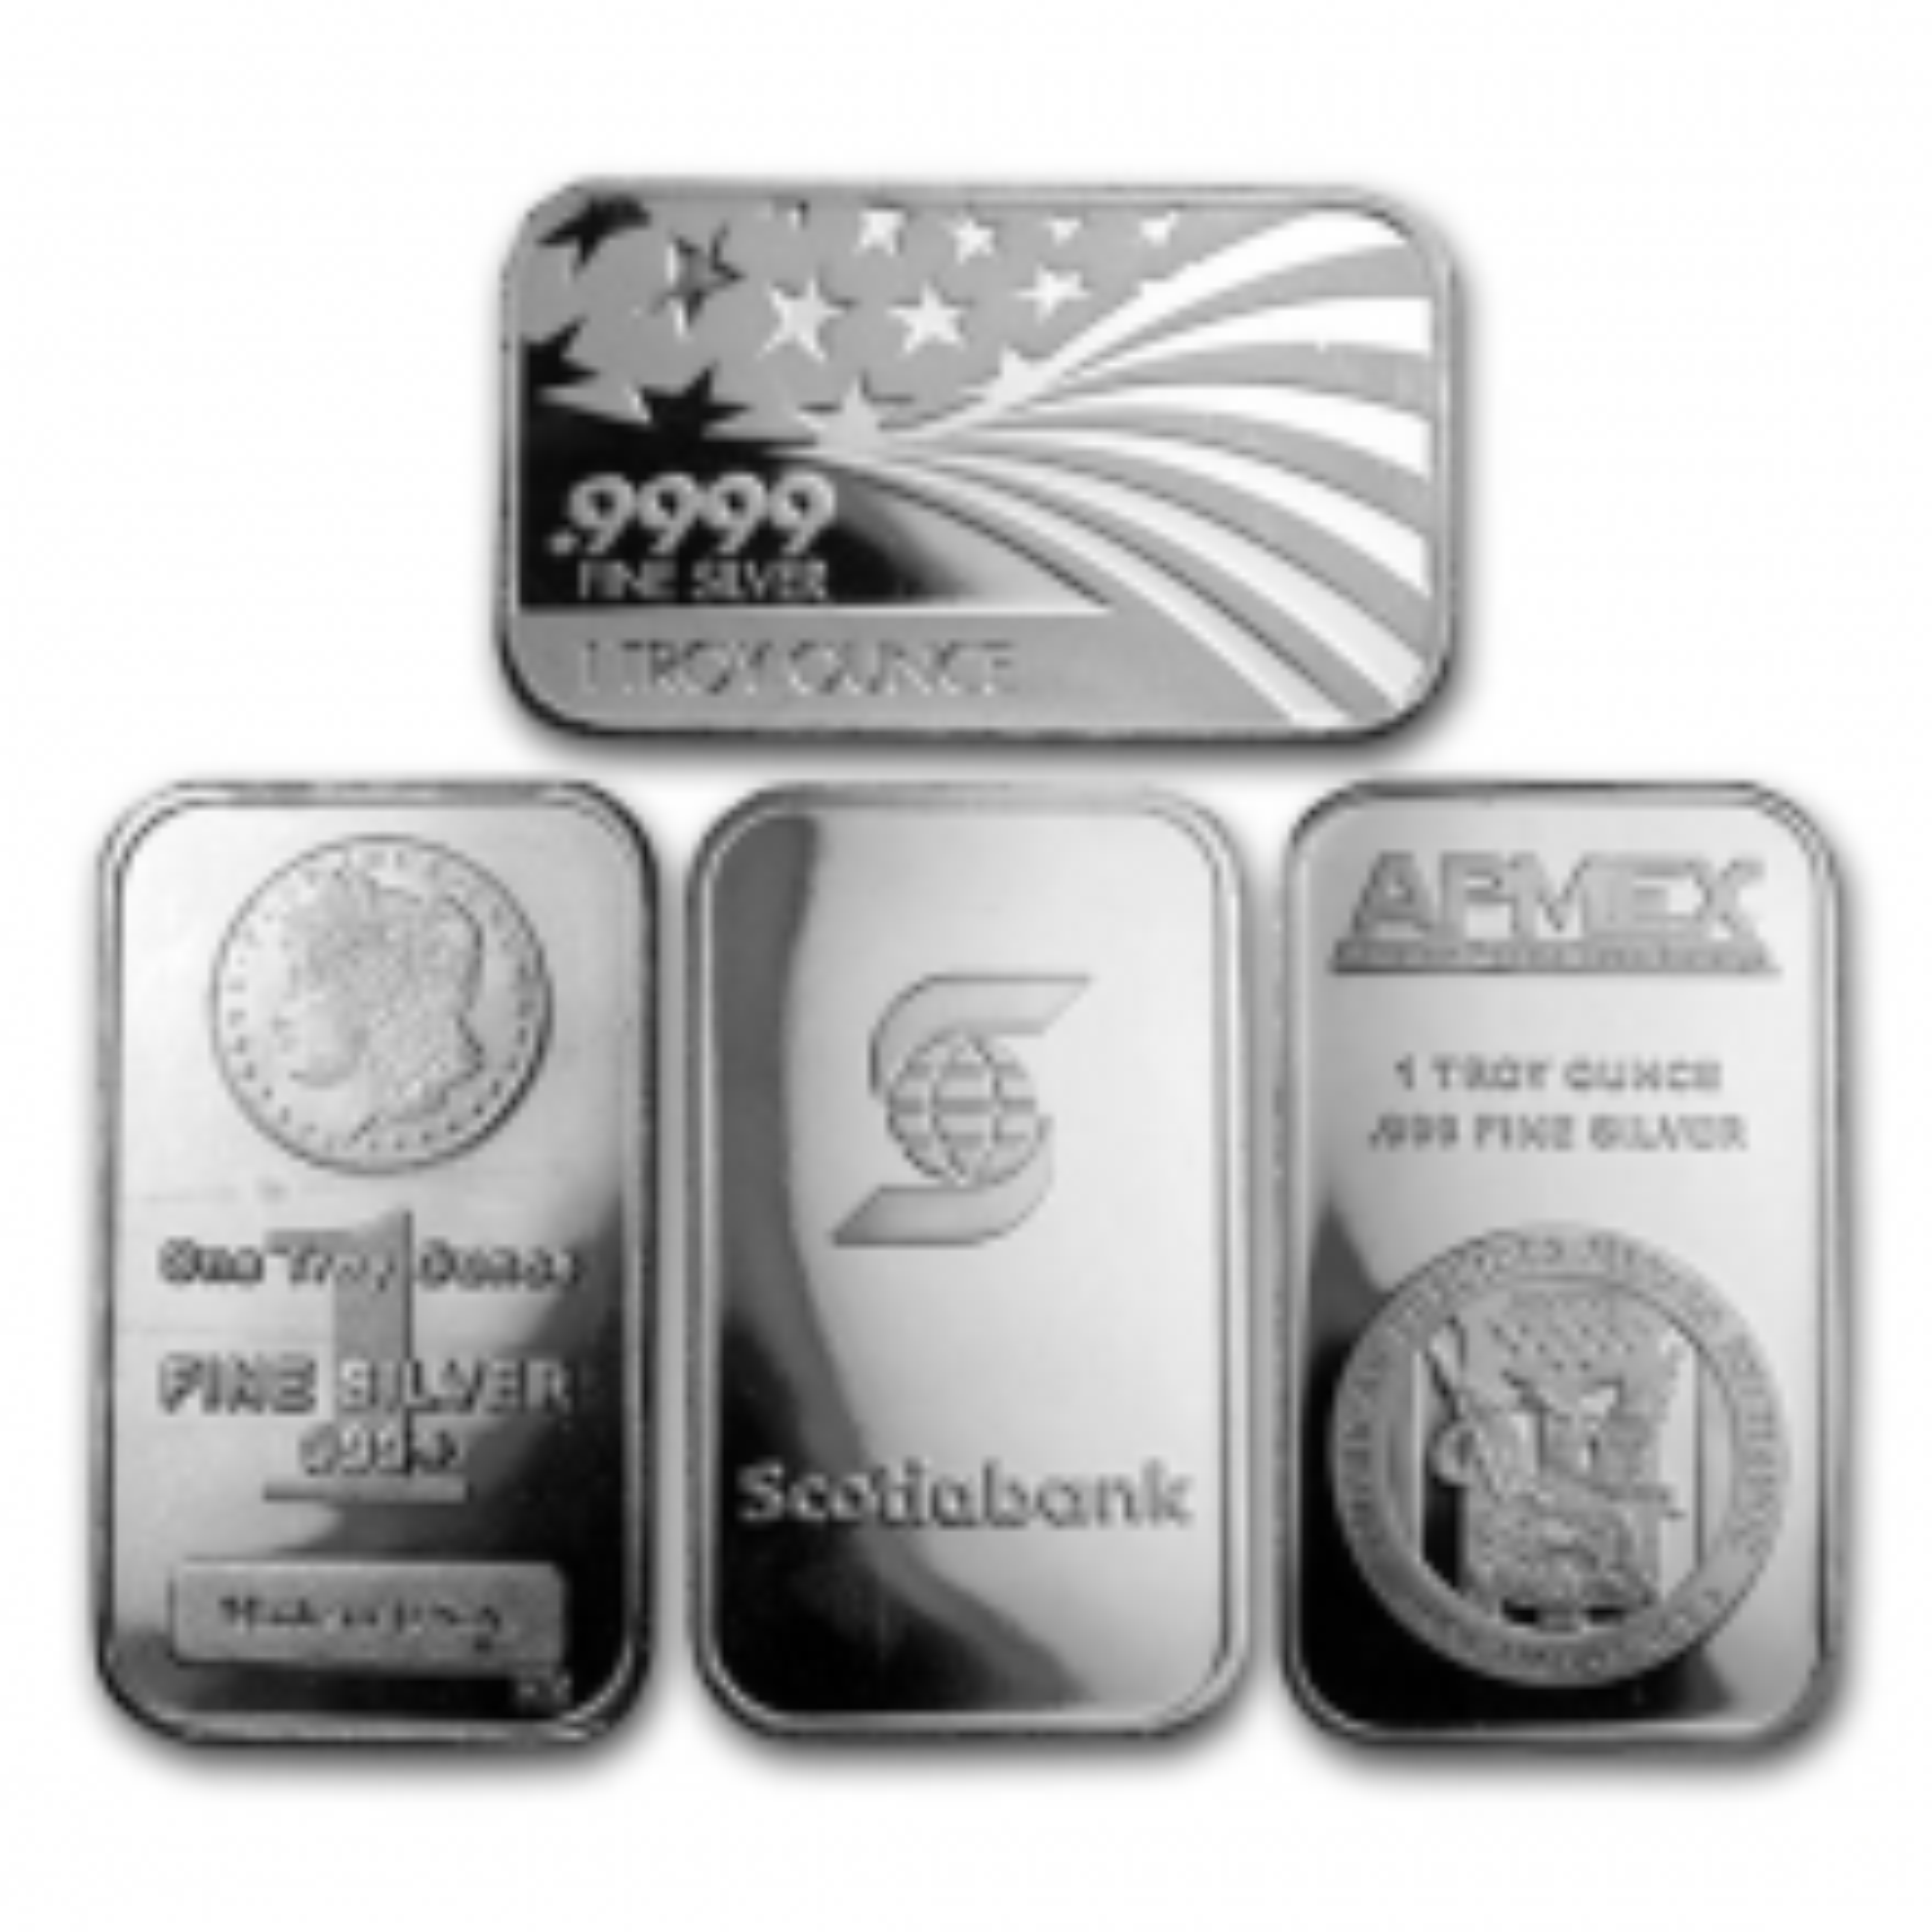 1 troy ounce silver bar various producers